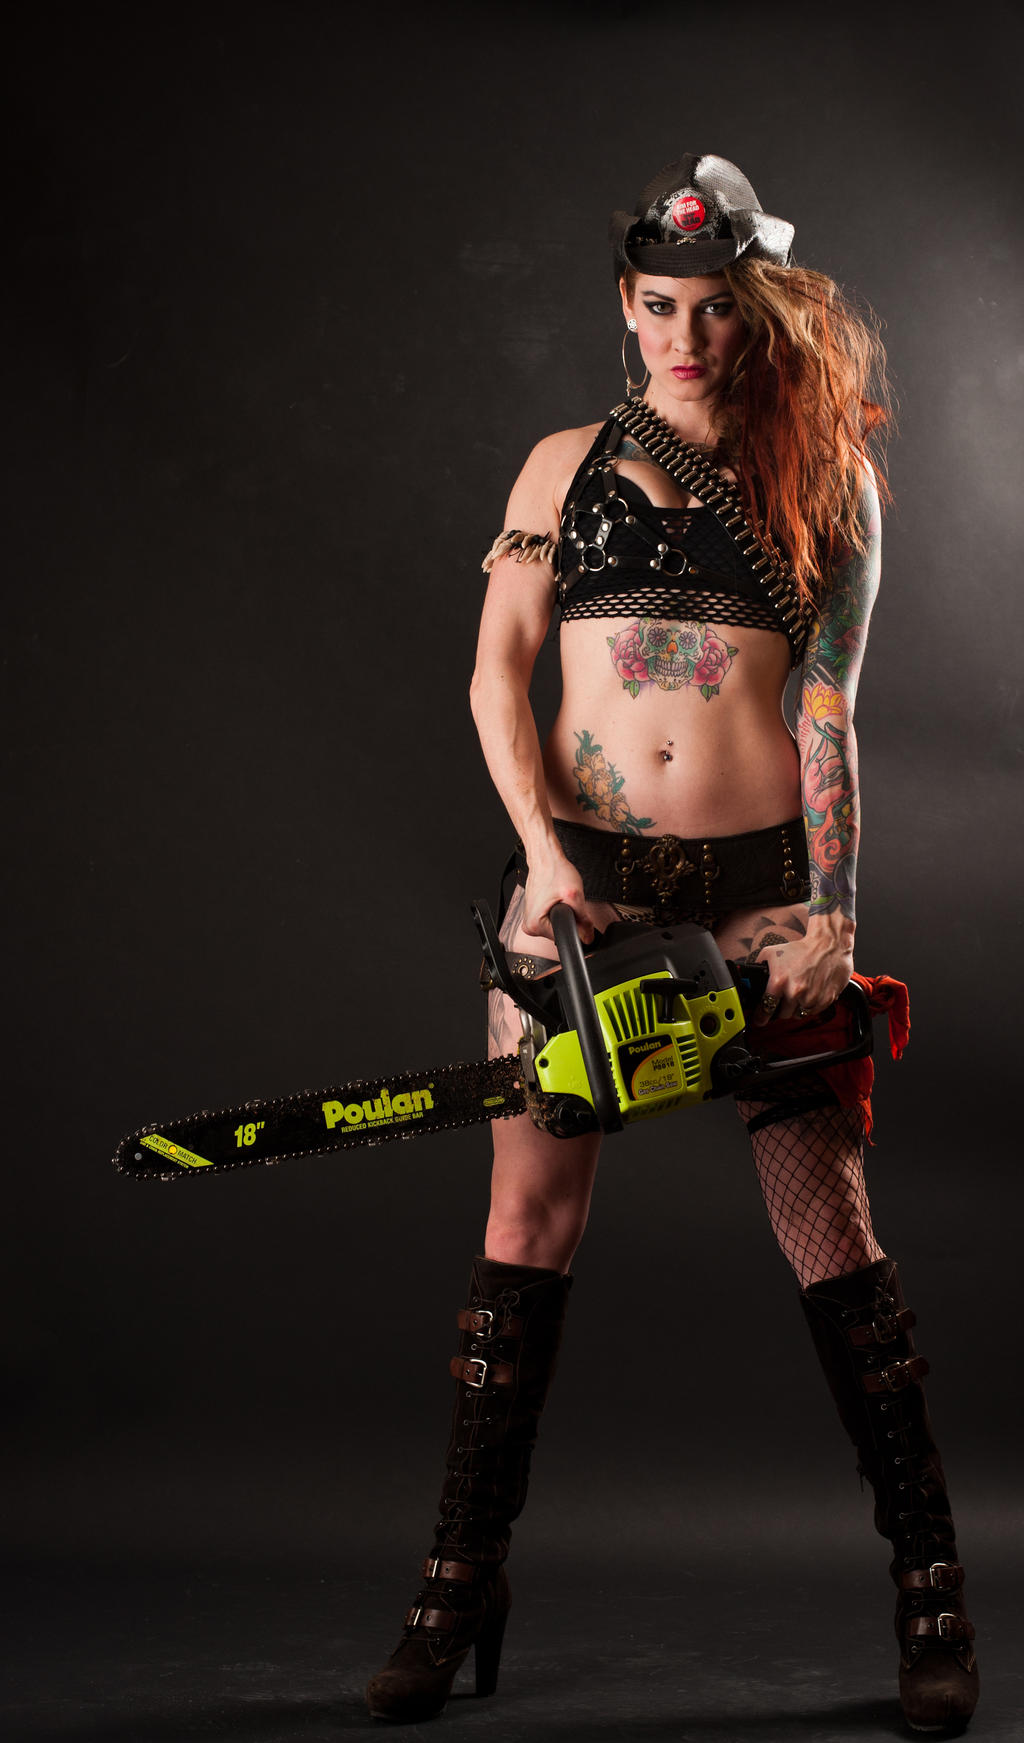 Niki Mad Max 2a by jagged-eye